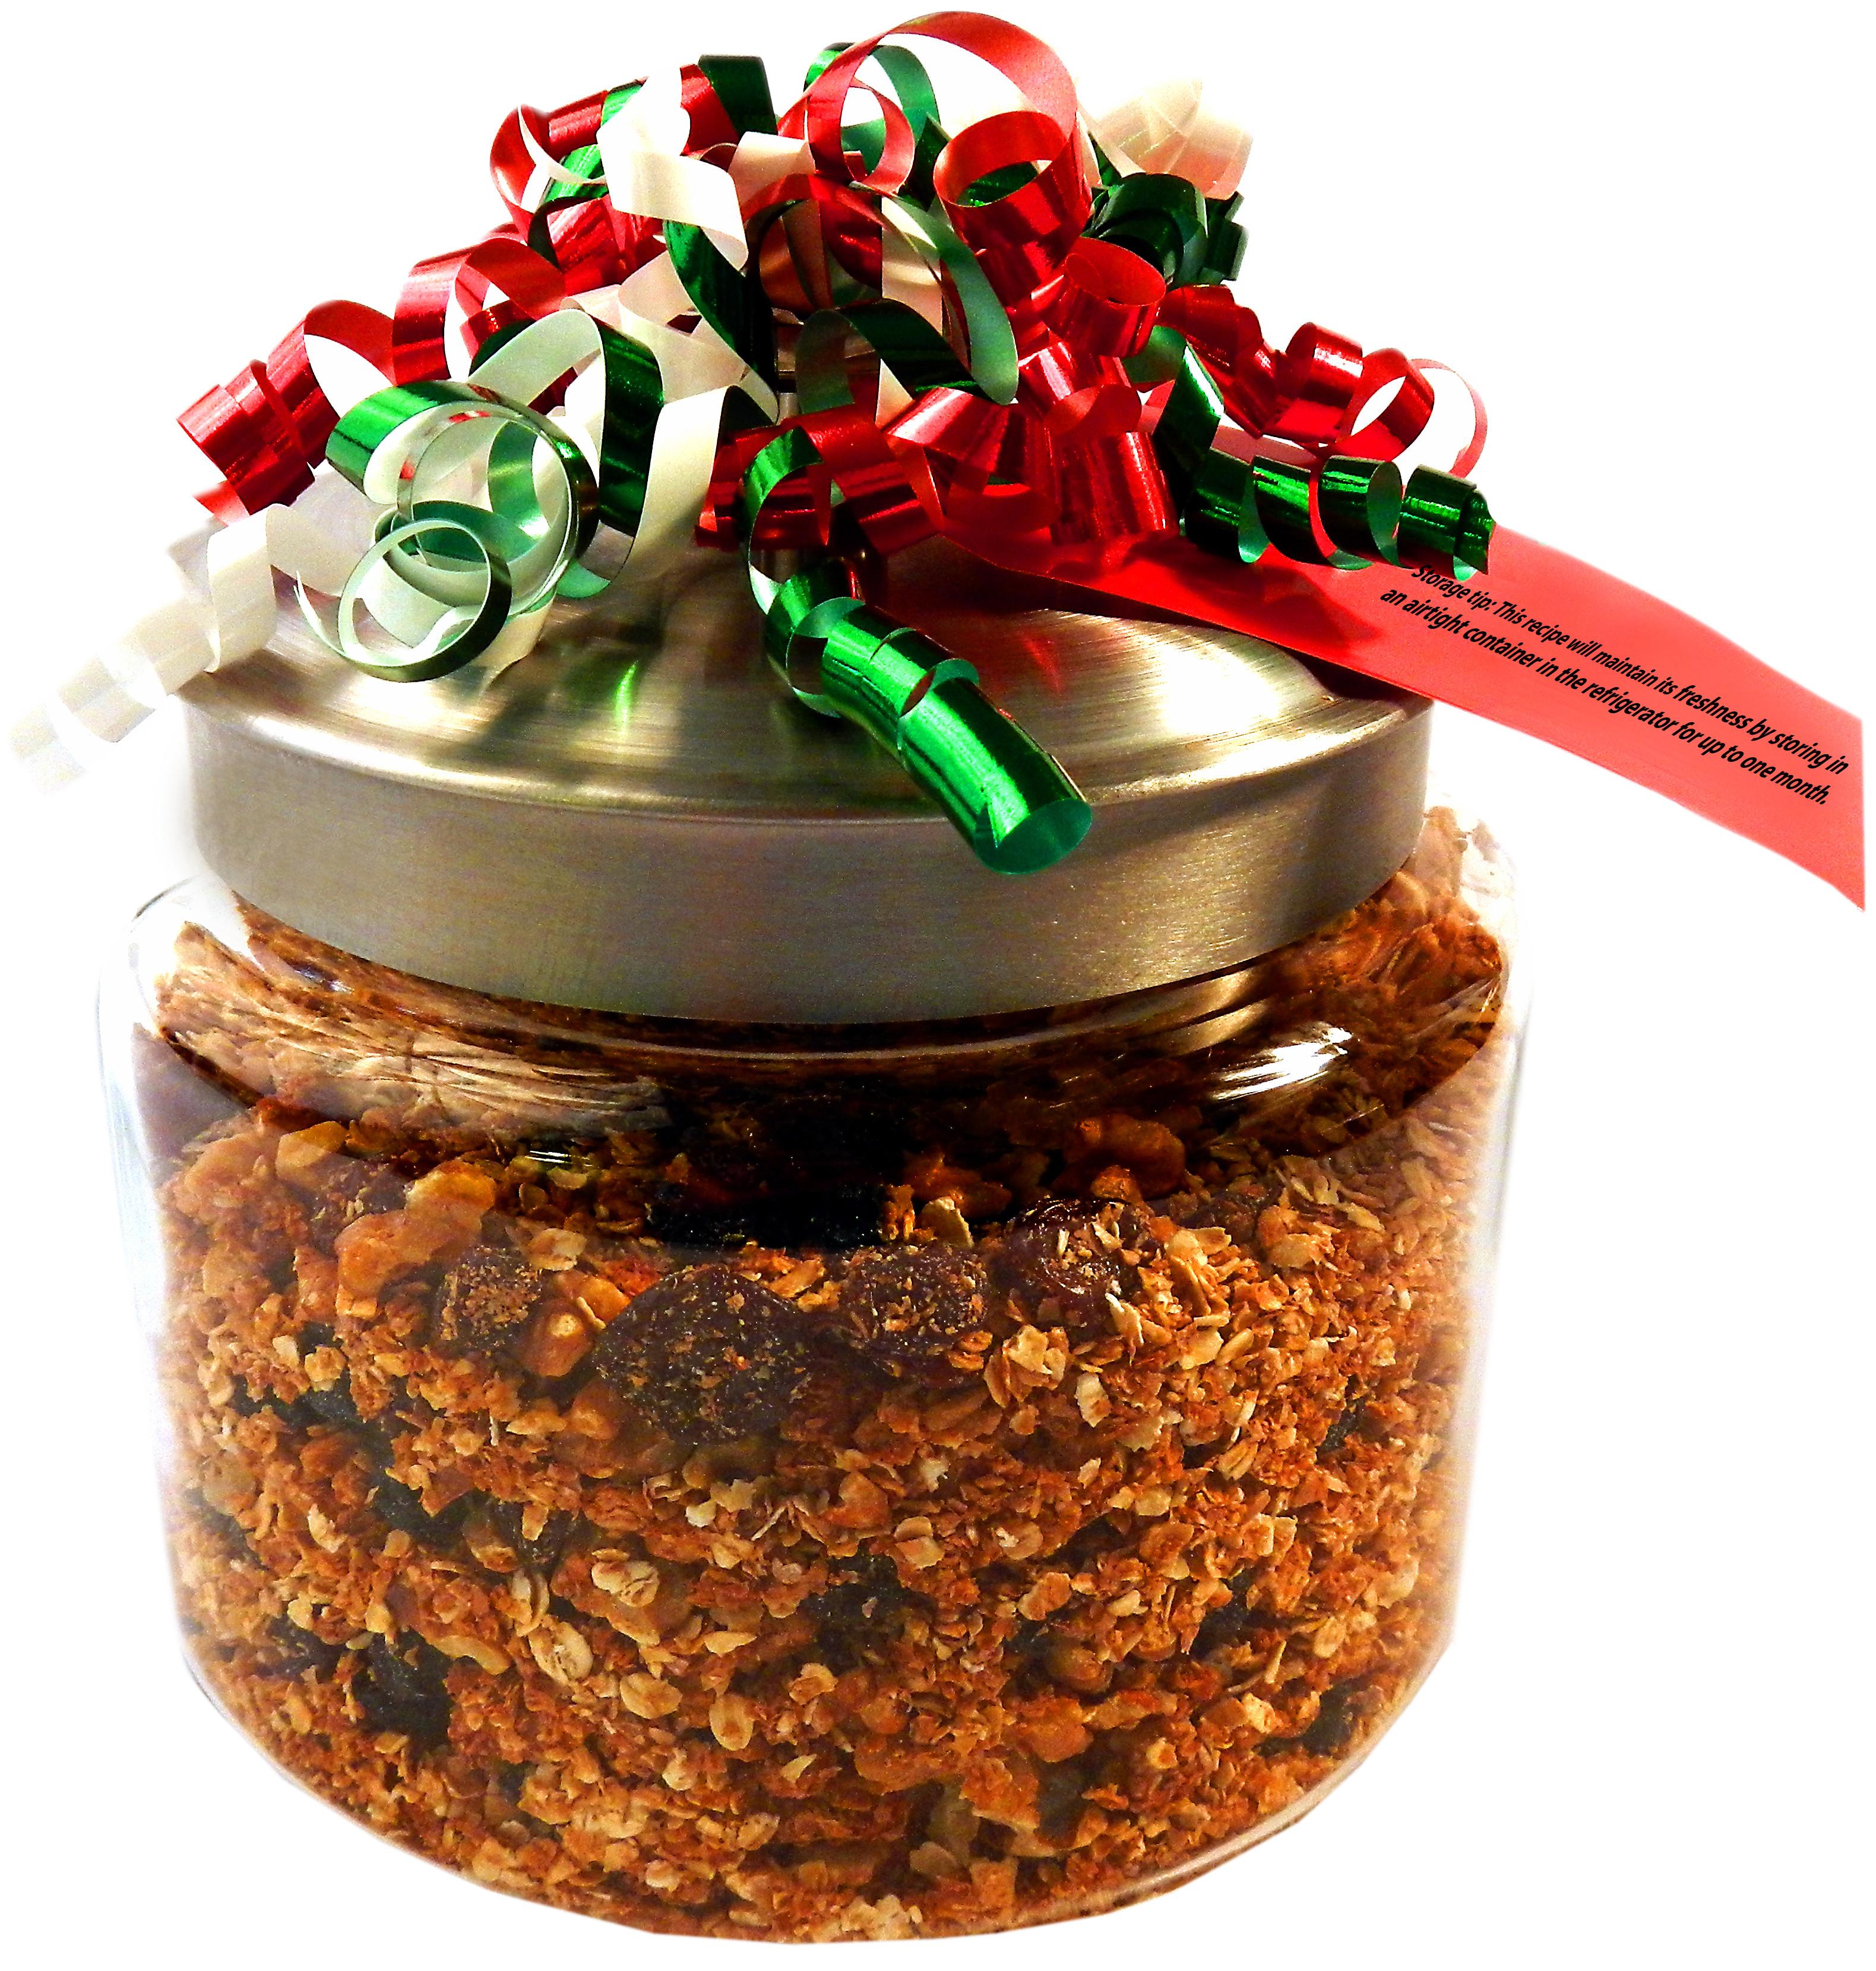 Christmas Food Gifts  Homemade Holiday Food Gifts